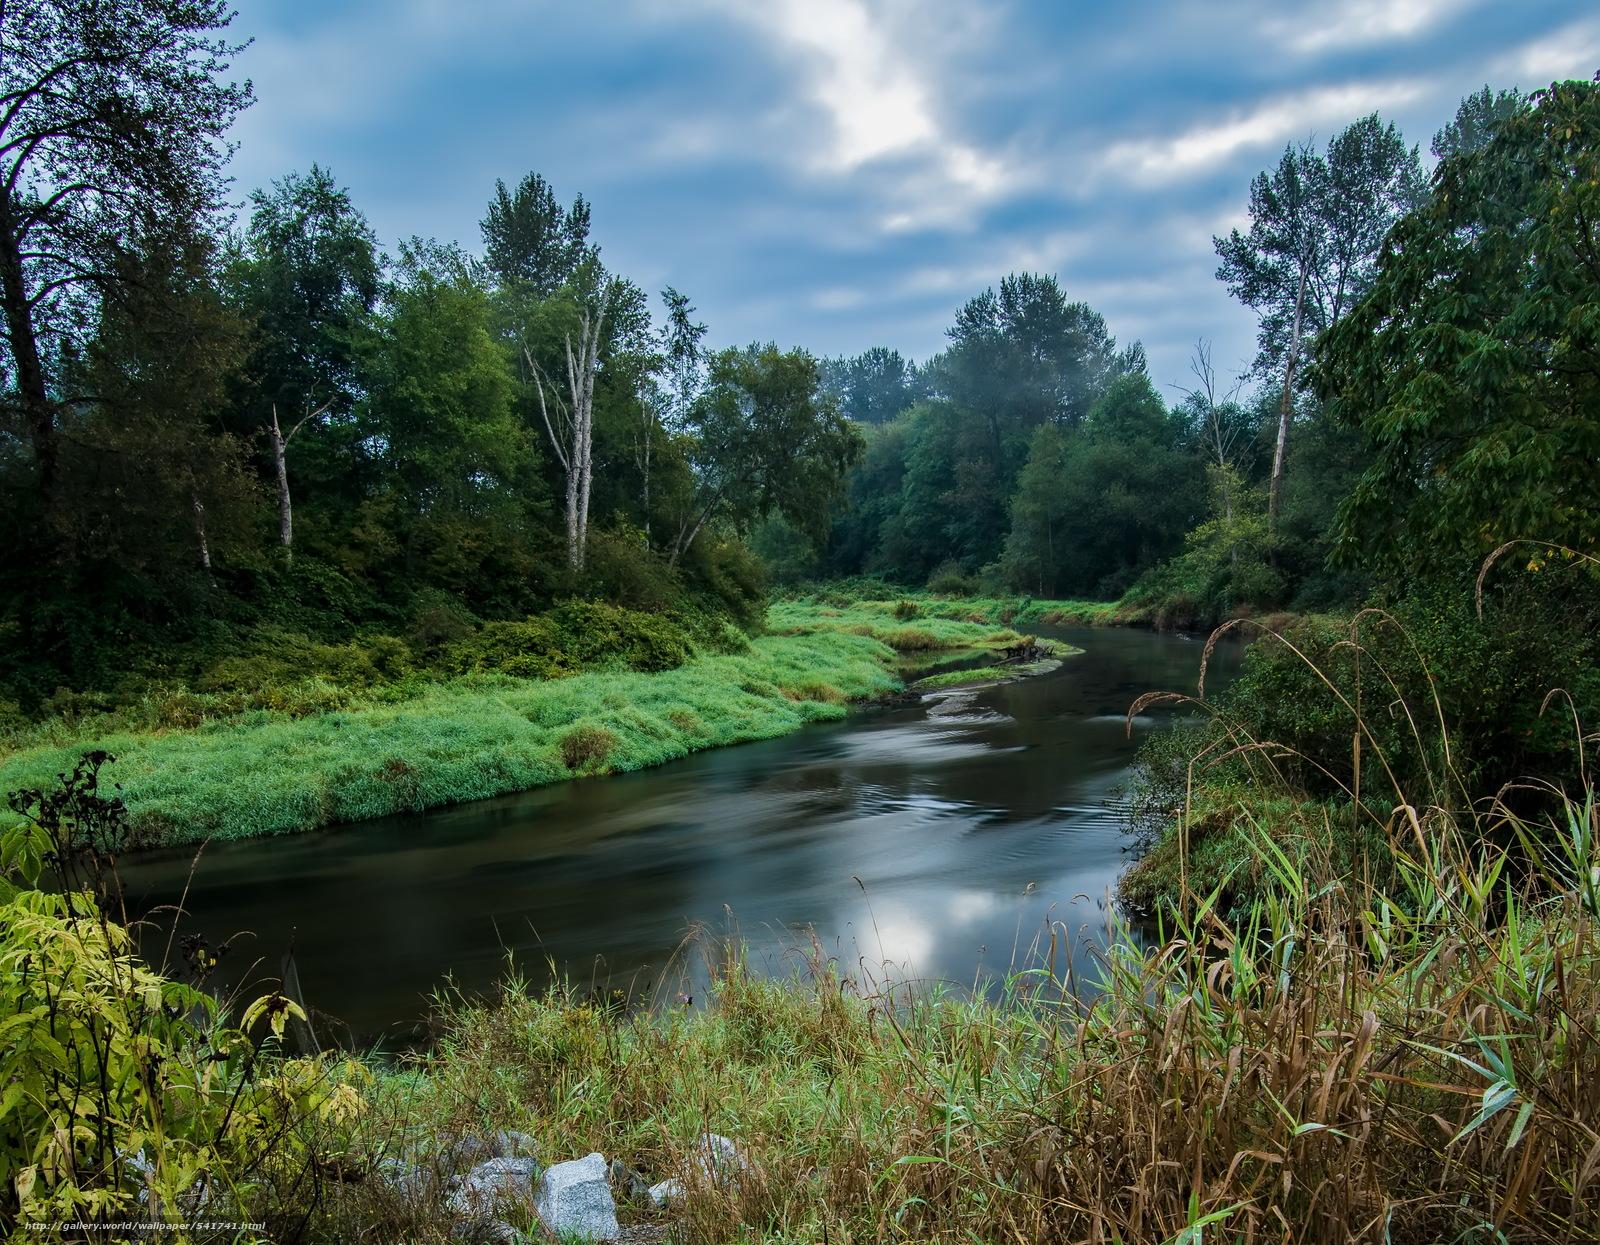 下载壁纸 绕线夏季河,  杰里苏里纳公园,  枫树岭,  不列颠哥伦比亚省 免费为您的桌面分辨率的壁纸 3864x3006 — 图片 №541741